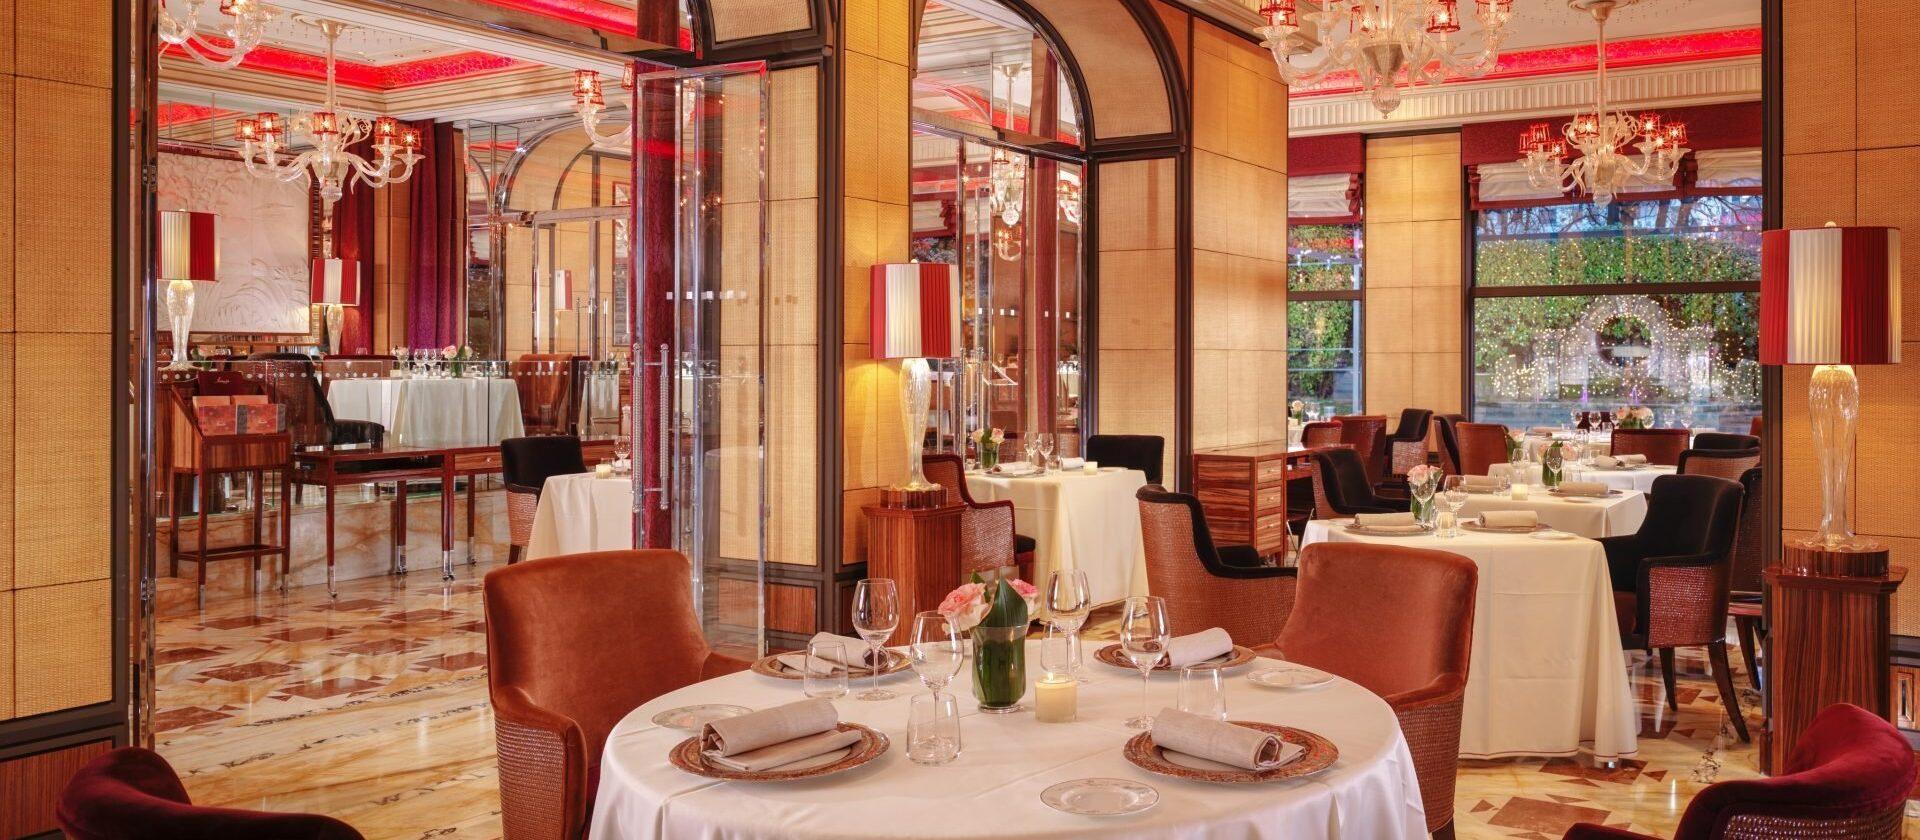 Hotel Principe di Savoia-Acanto-restaurant